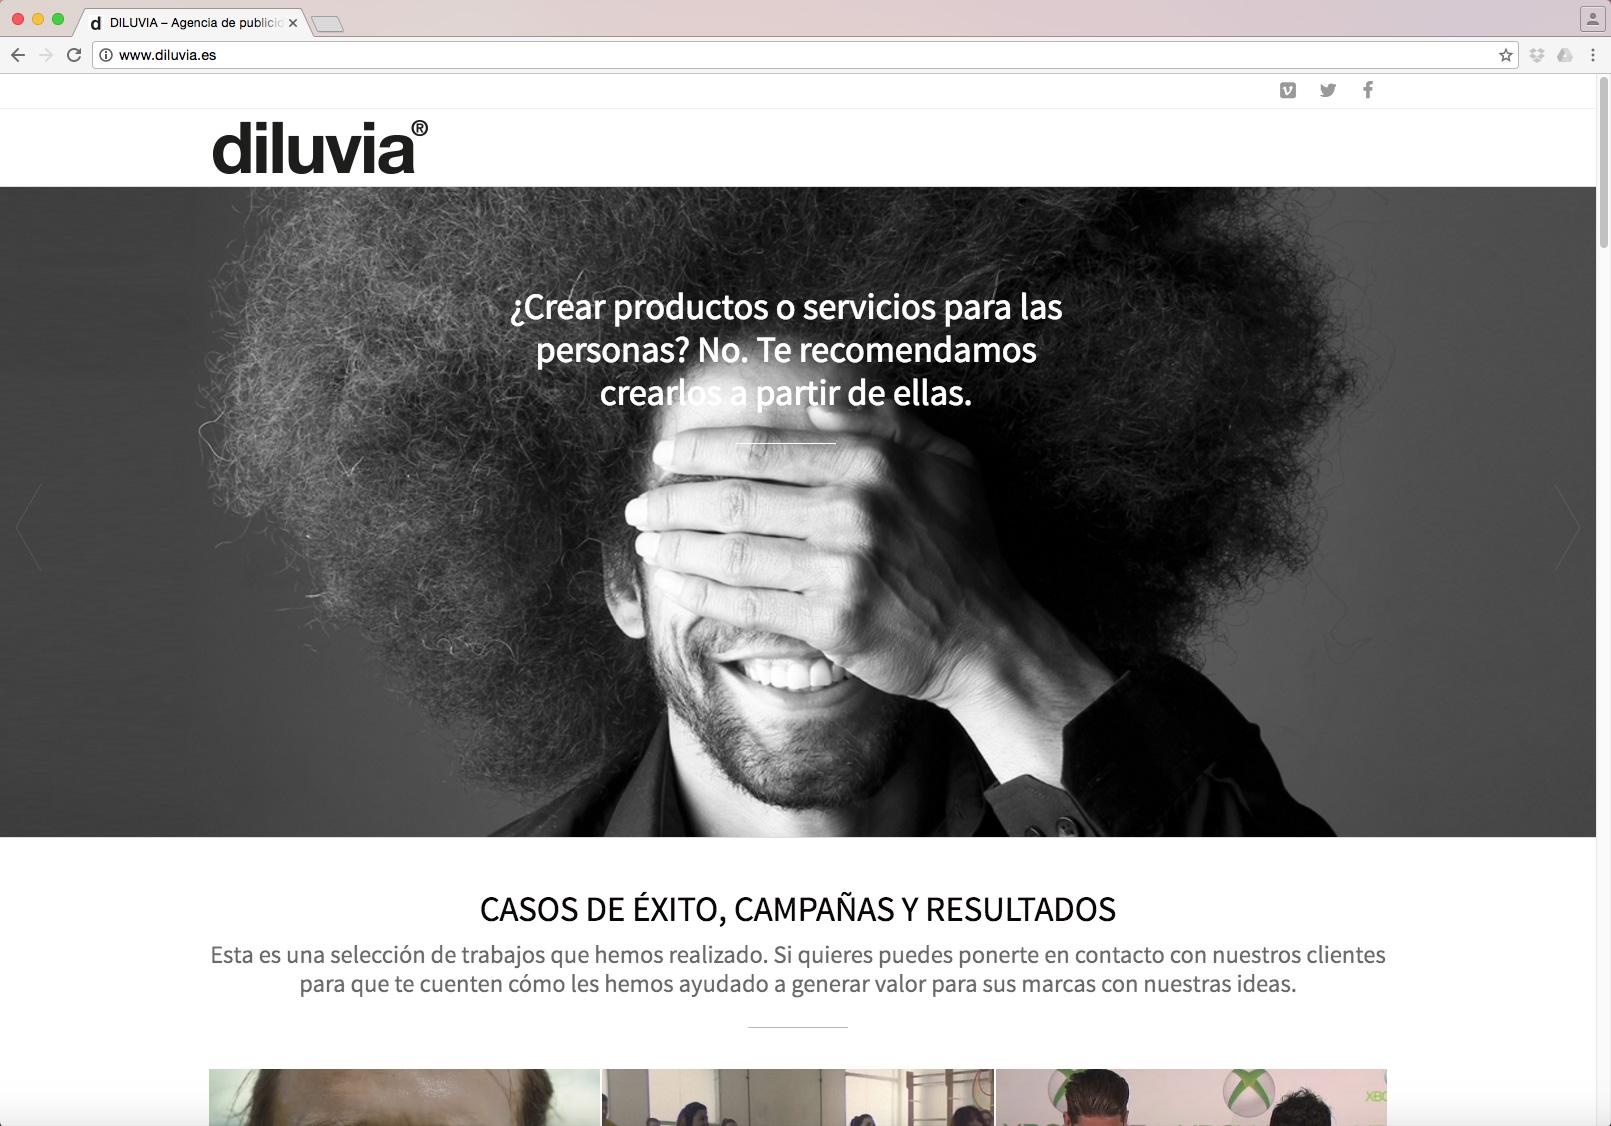 Pantalla página web de la agencia de publicidad Diluvia